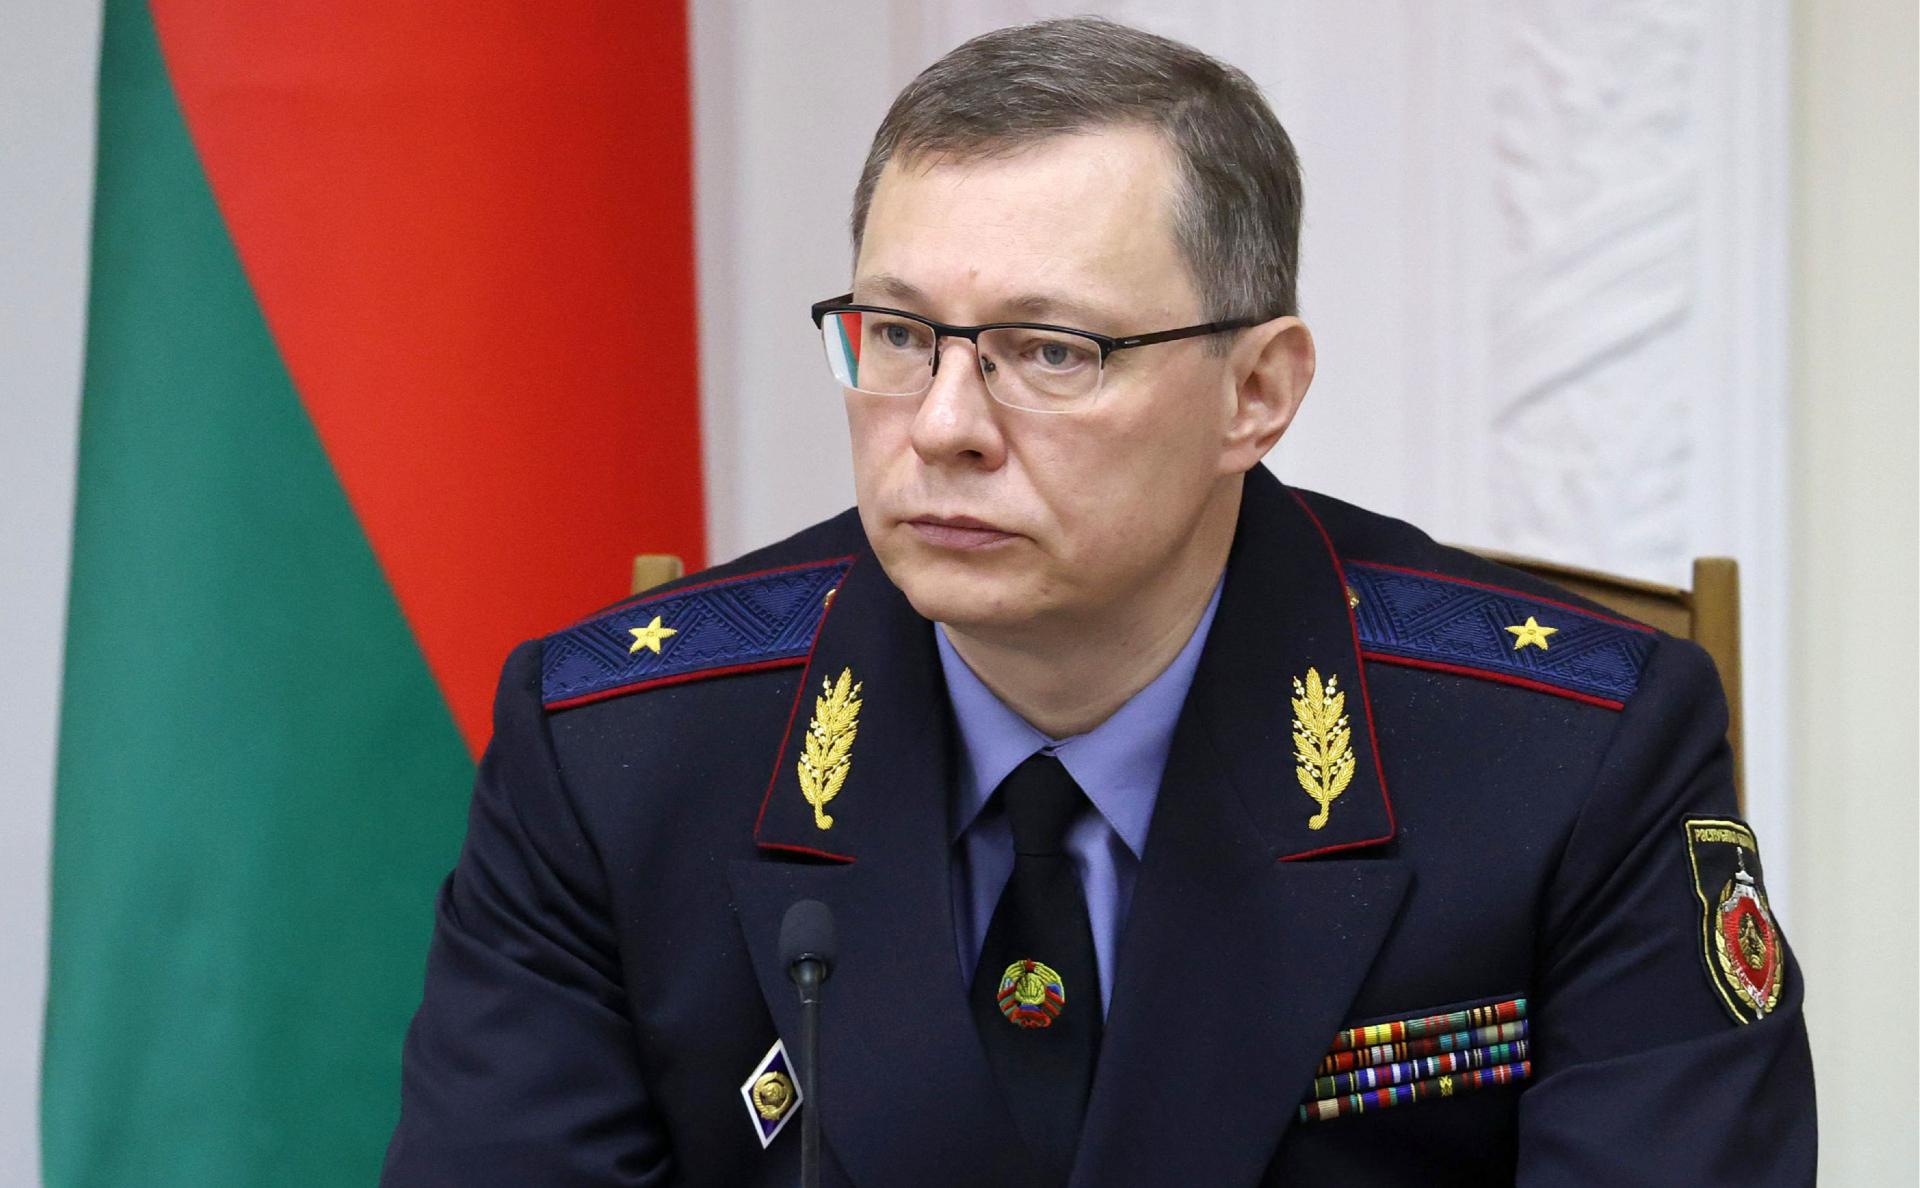 Фото:Максим Гучек / БелТА / ТАСС